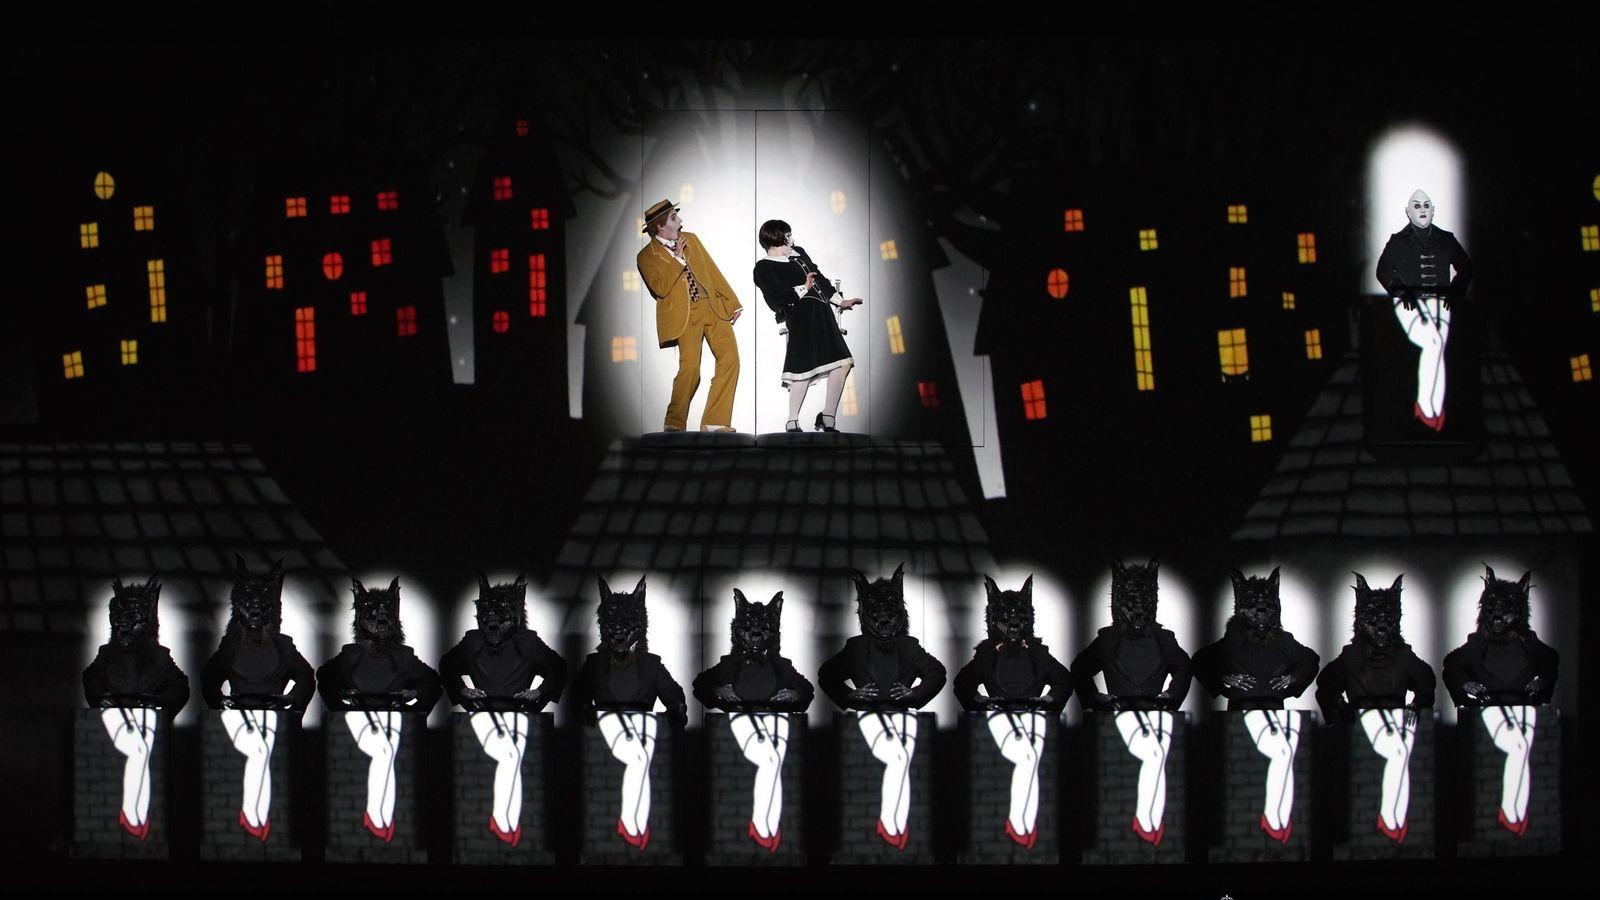 Foto: 'La flauta mágica' más cinematográfica visita el Teatro Real (Javier del Real)